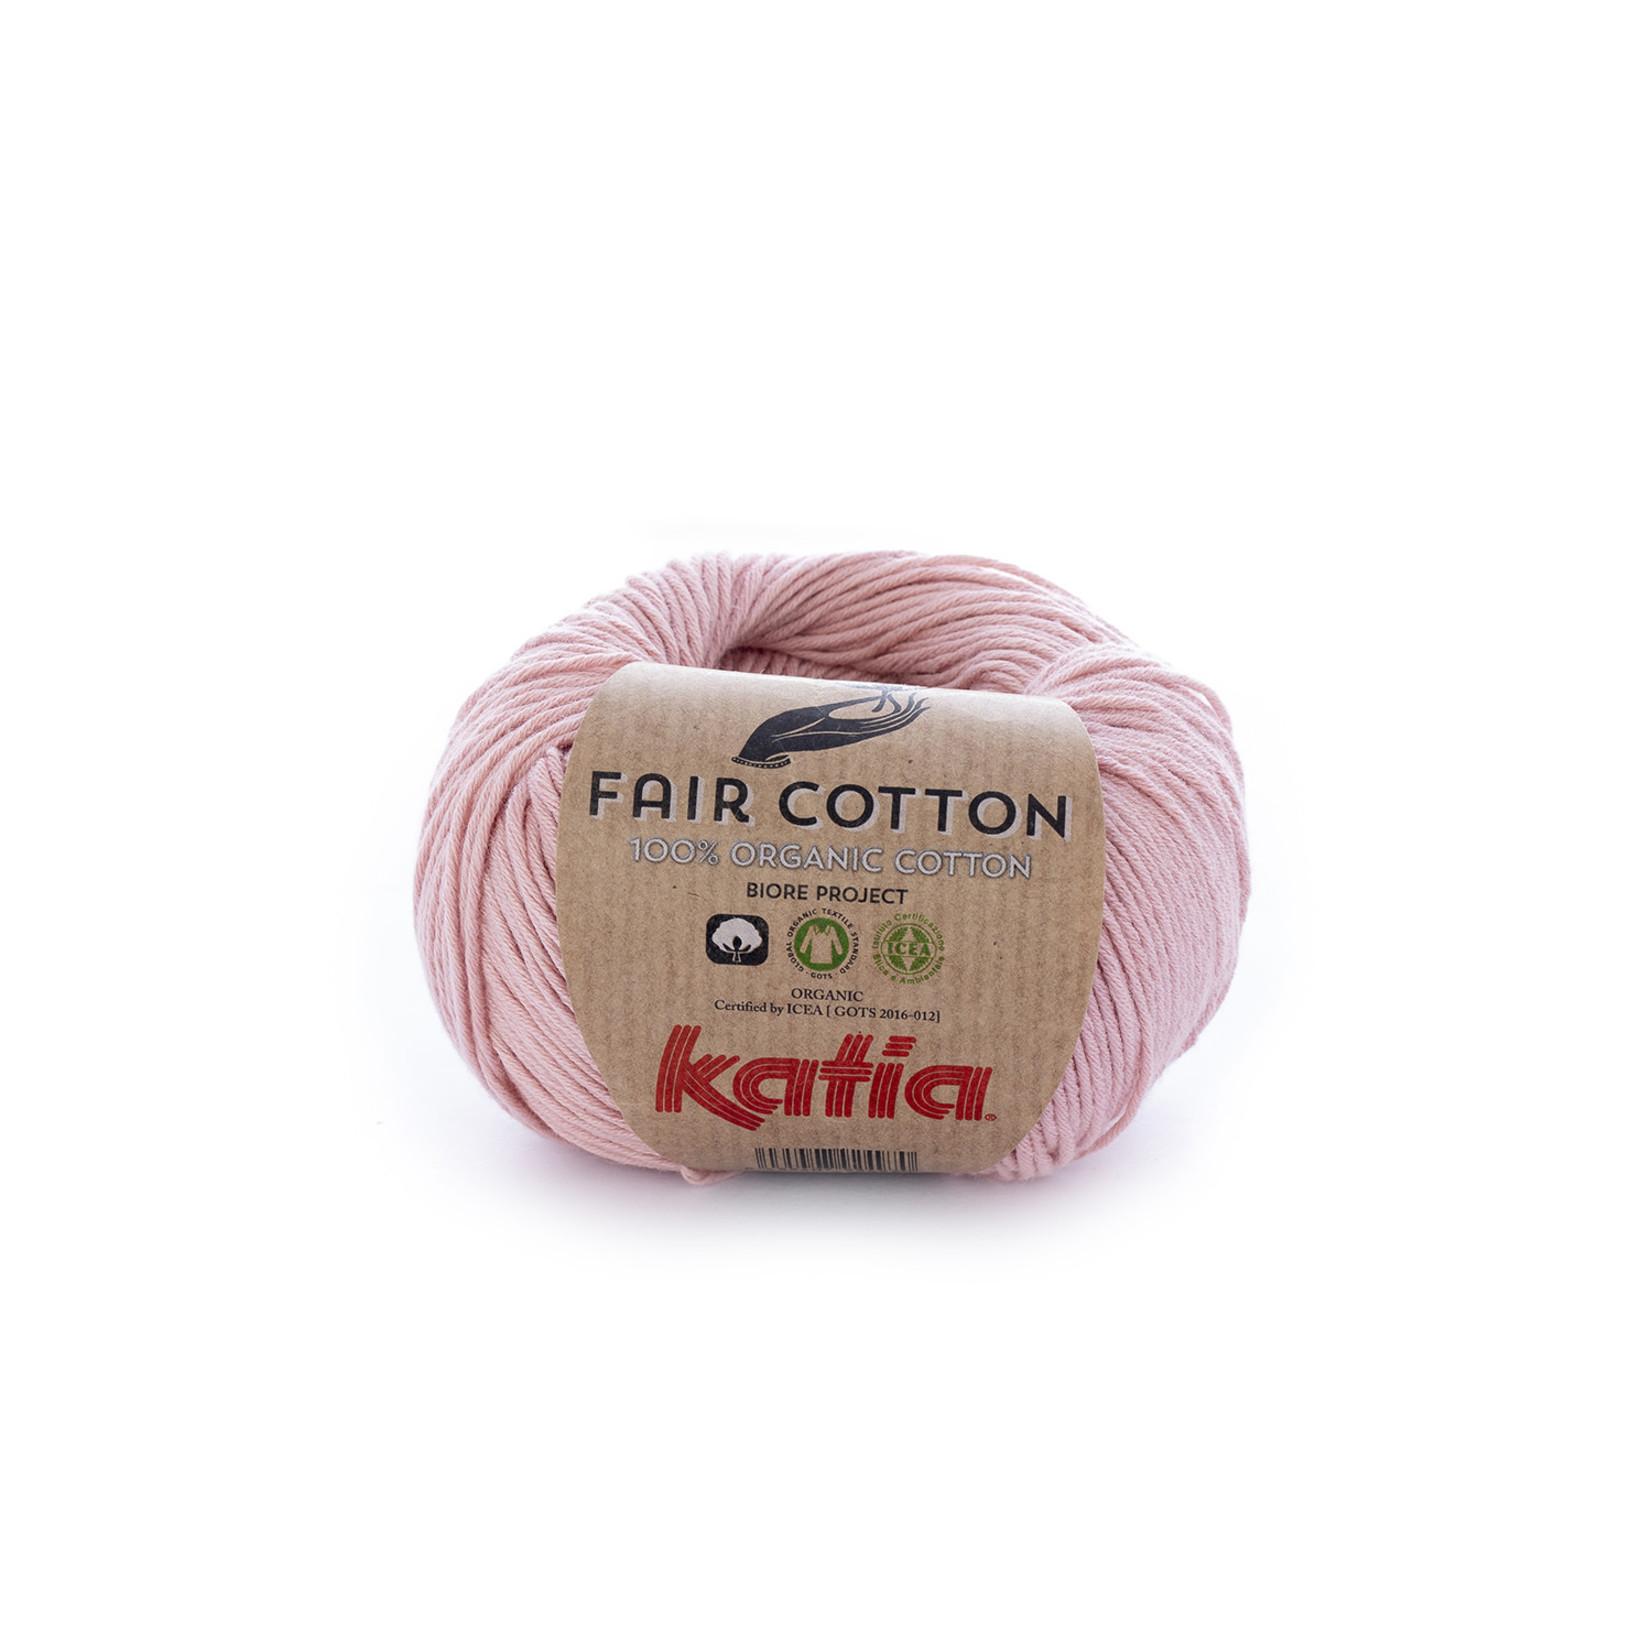 Katia Katia Fair Cotton 13 - lichtroze - 1 bol = 50 gr. = 155 m. - 100% biol. katoen